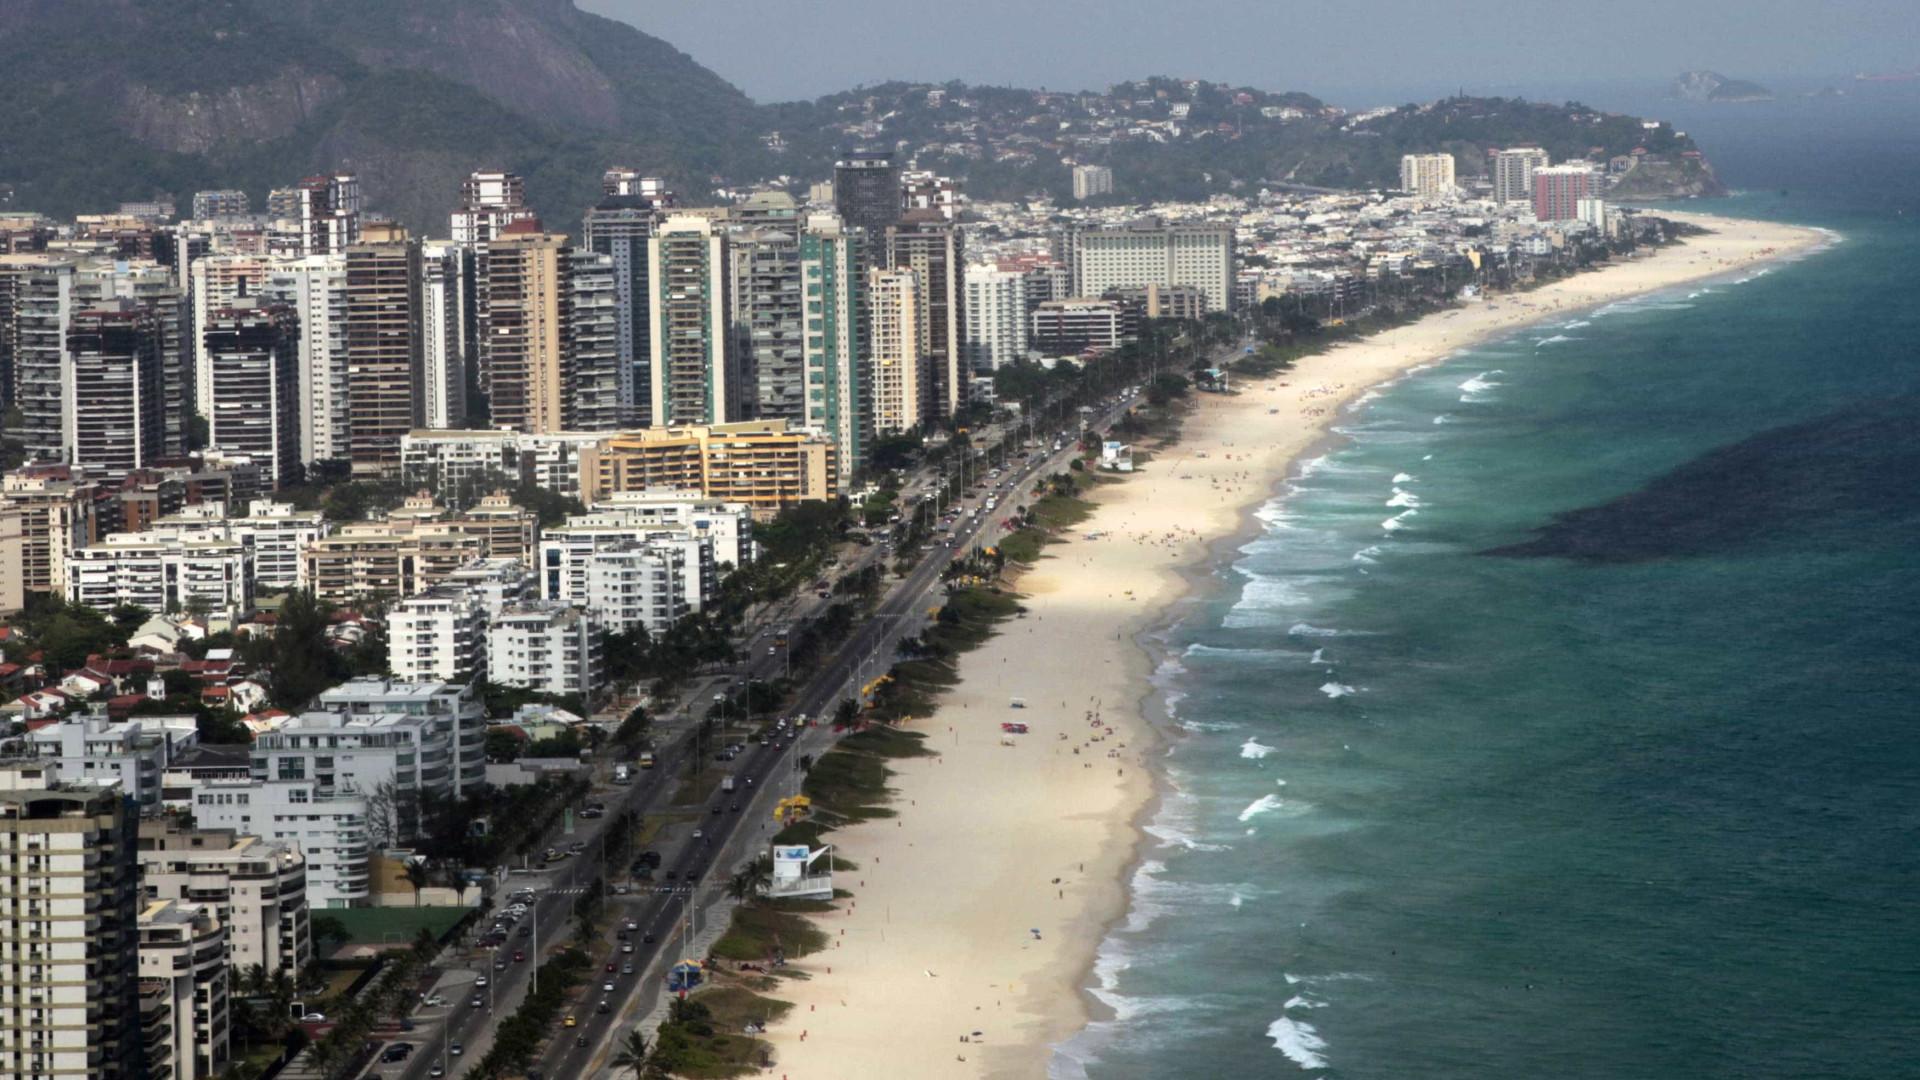 Atividades de turismo cresceram 2% em março, segundo IBGE